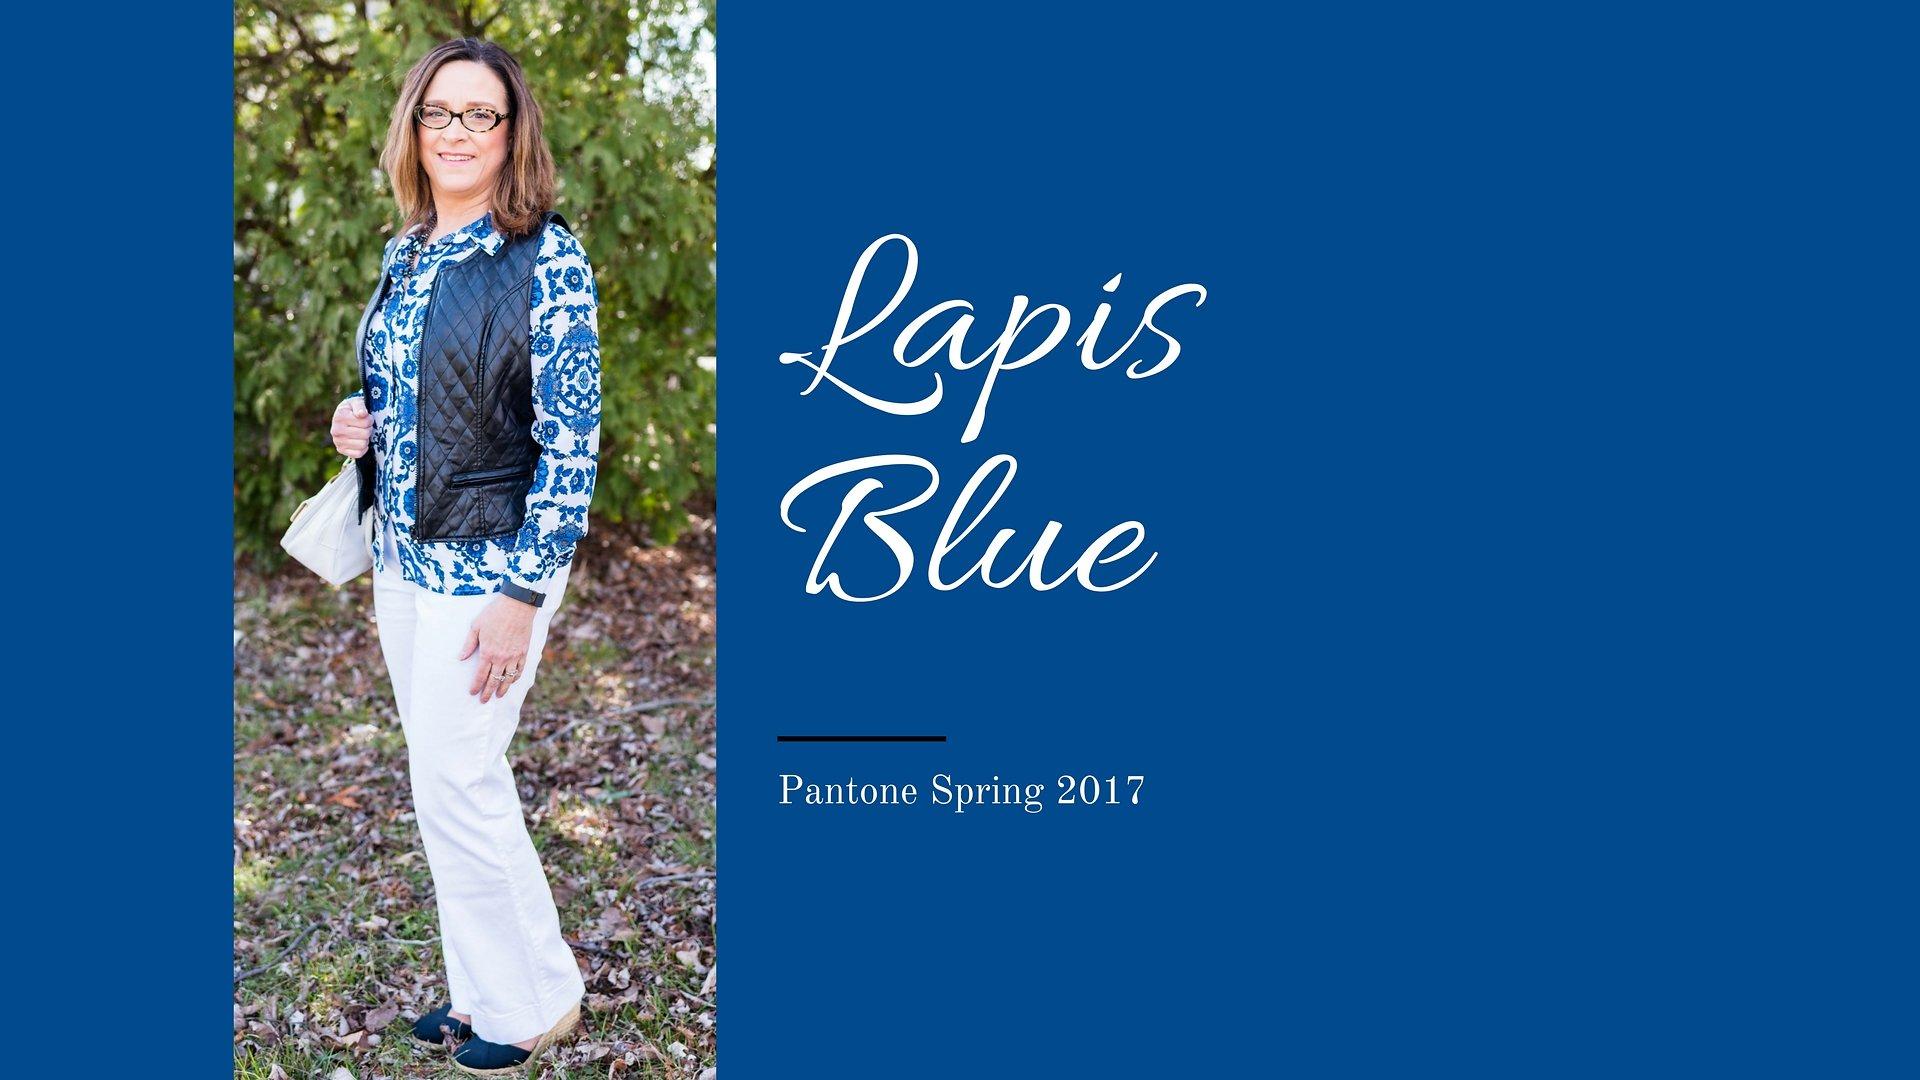 Pantone Spring 2017 - Lapis Blue